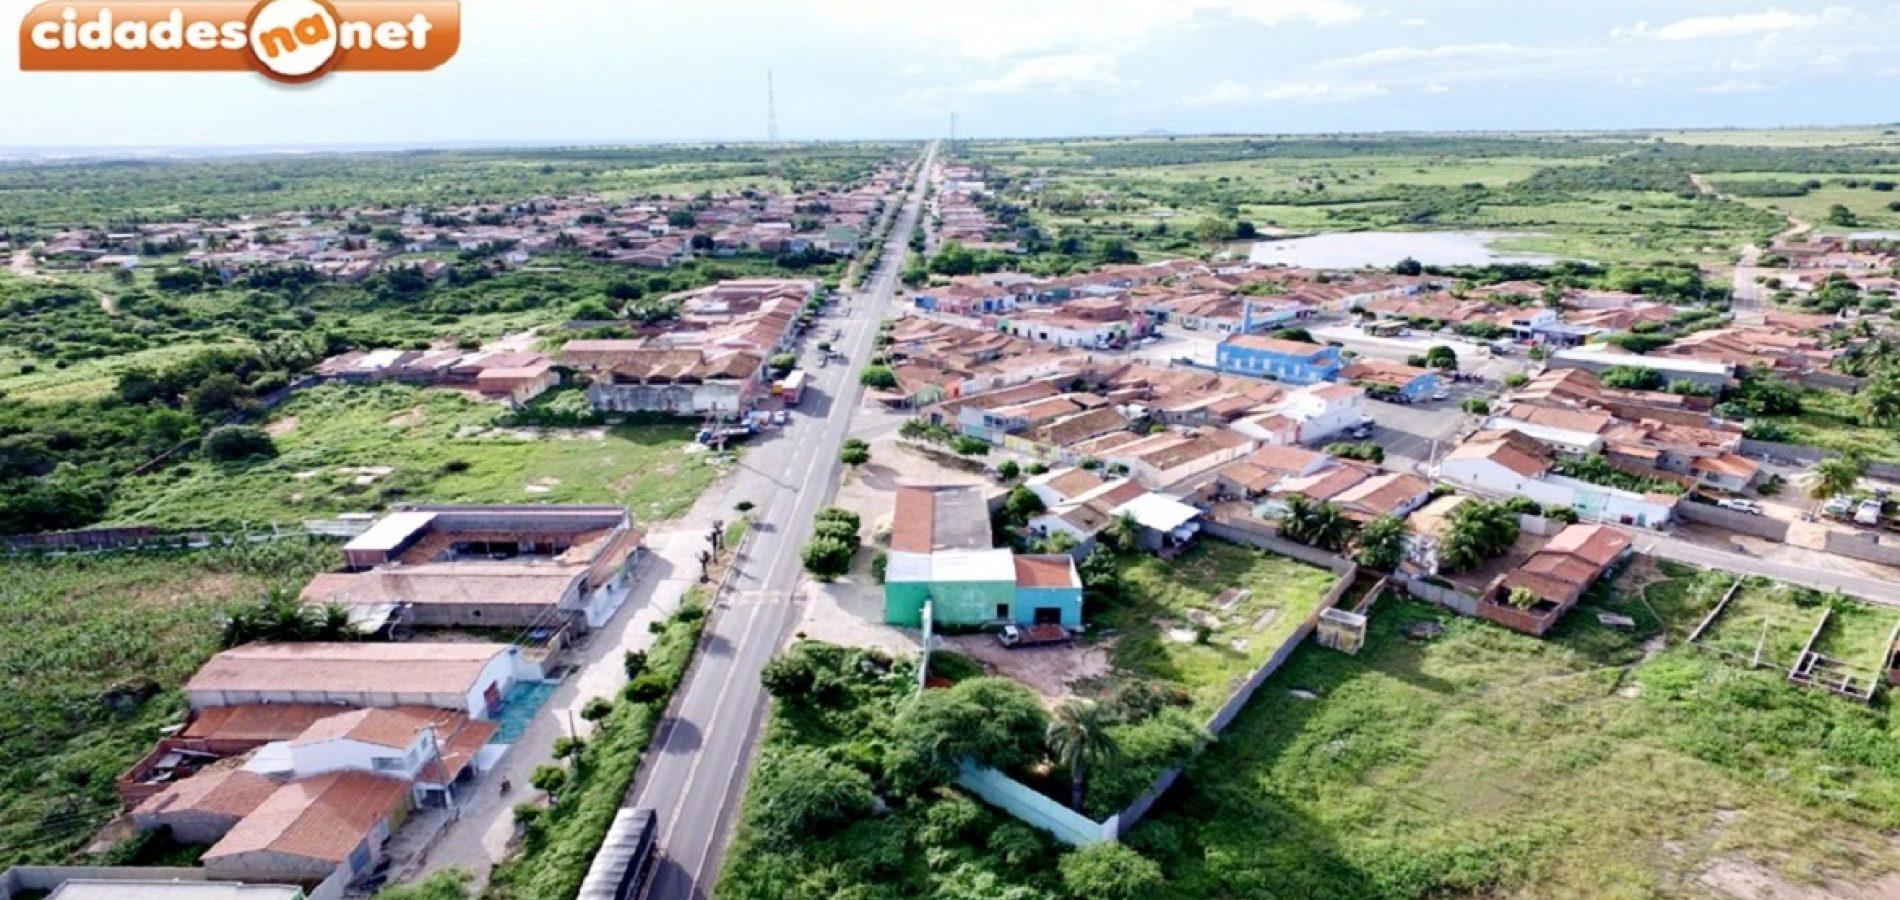 Alegrete do Piauí Piauí fonte: cidadesnanet.com